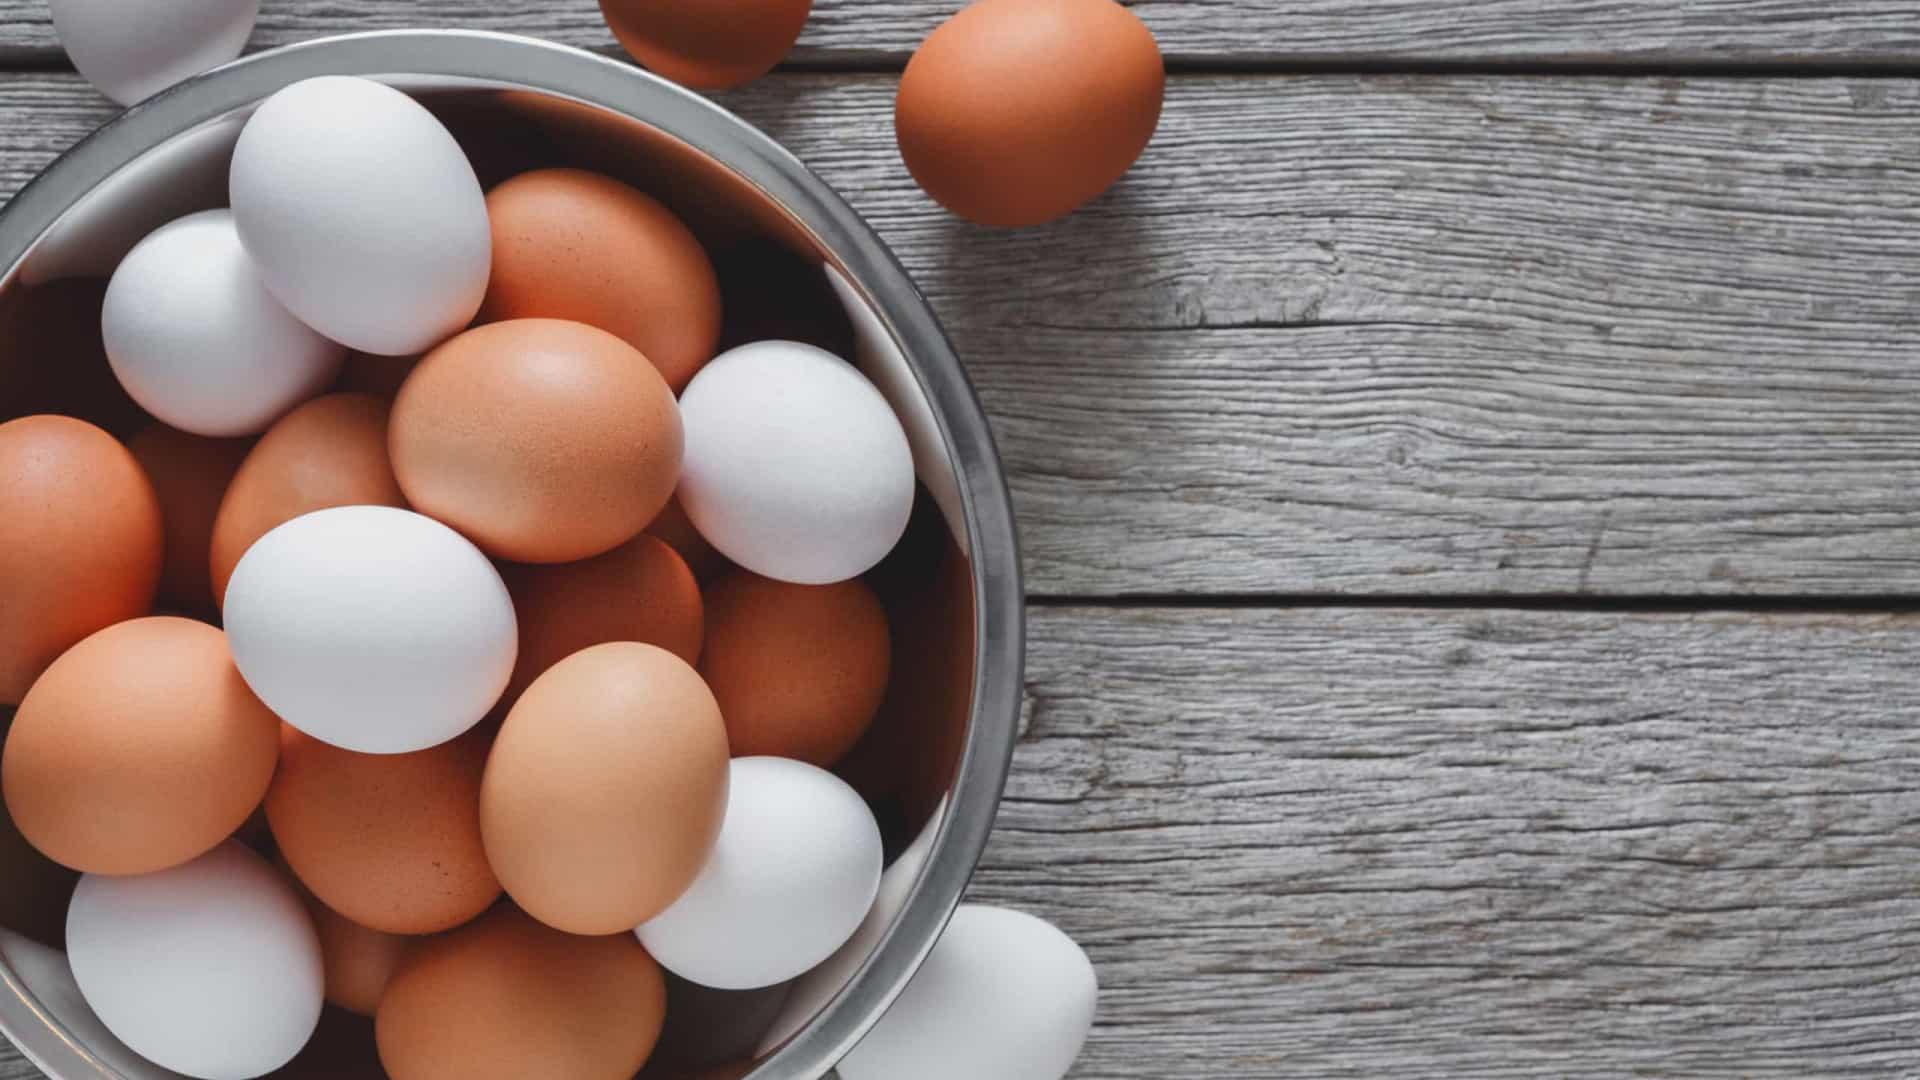 Ovos - Benefícios do alimento e formas de prepara-lo